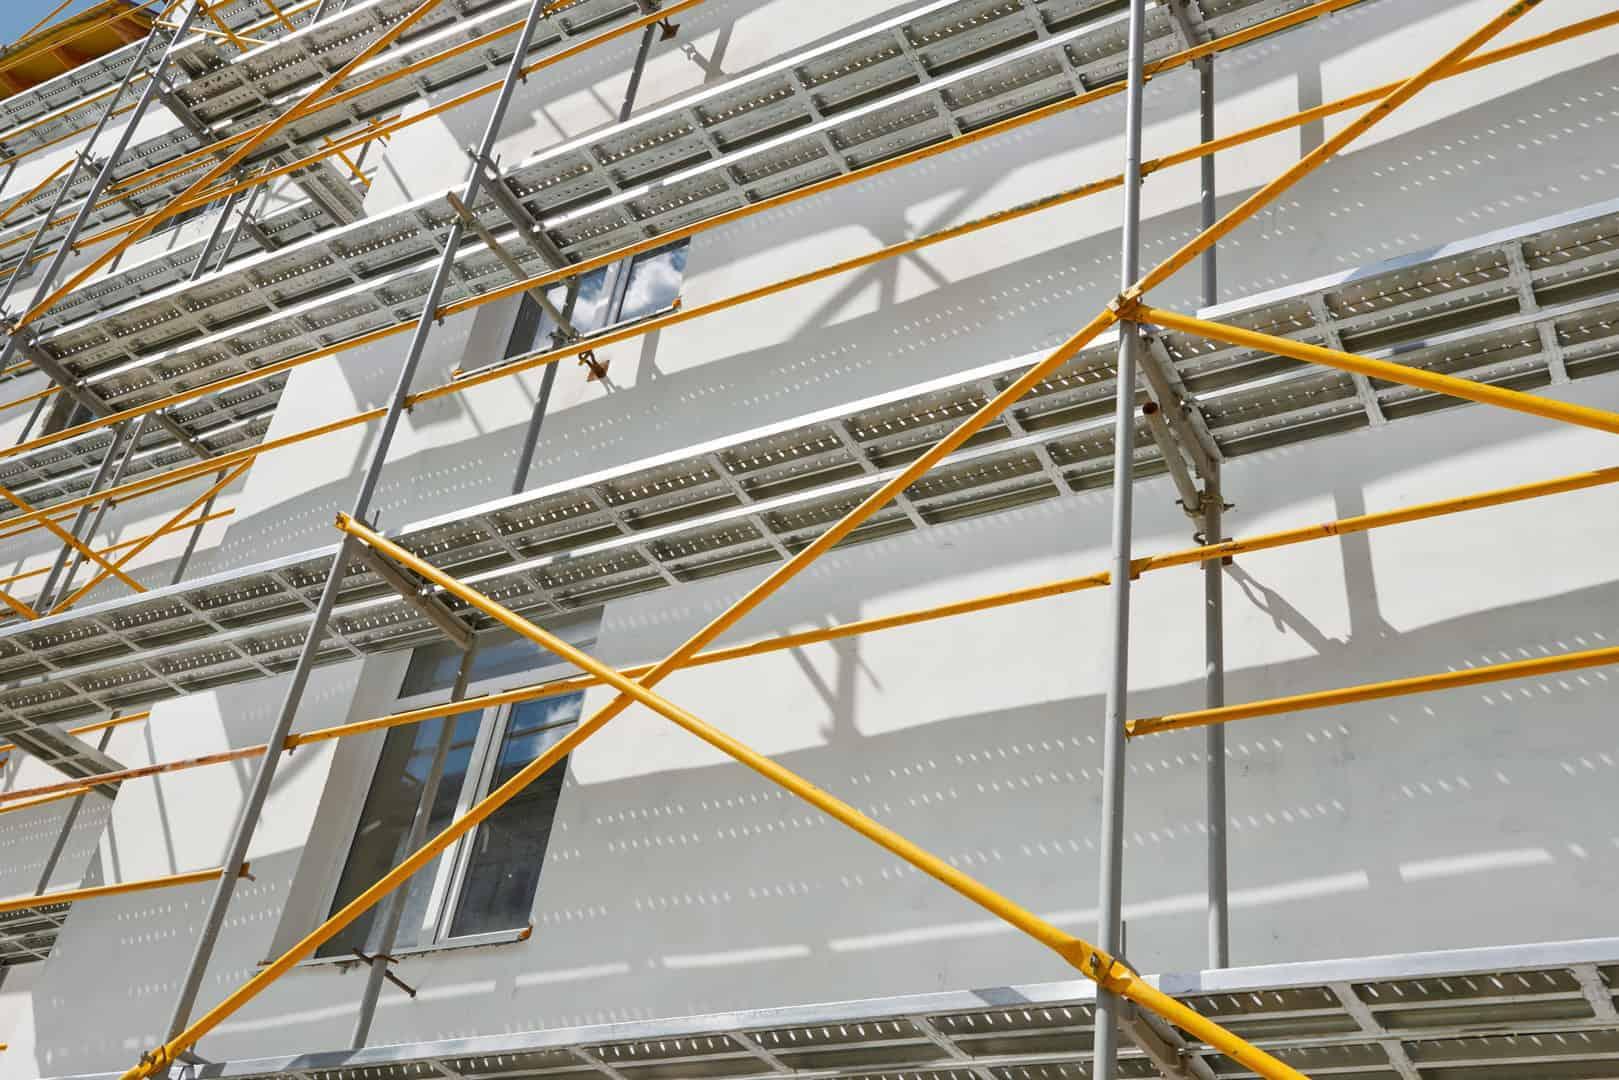 Commercial_building_maintenance